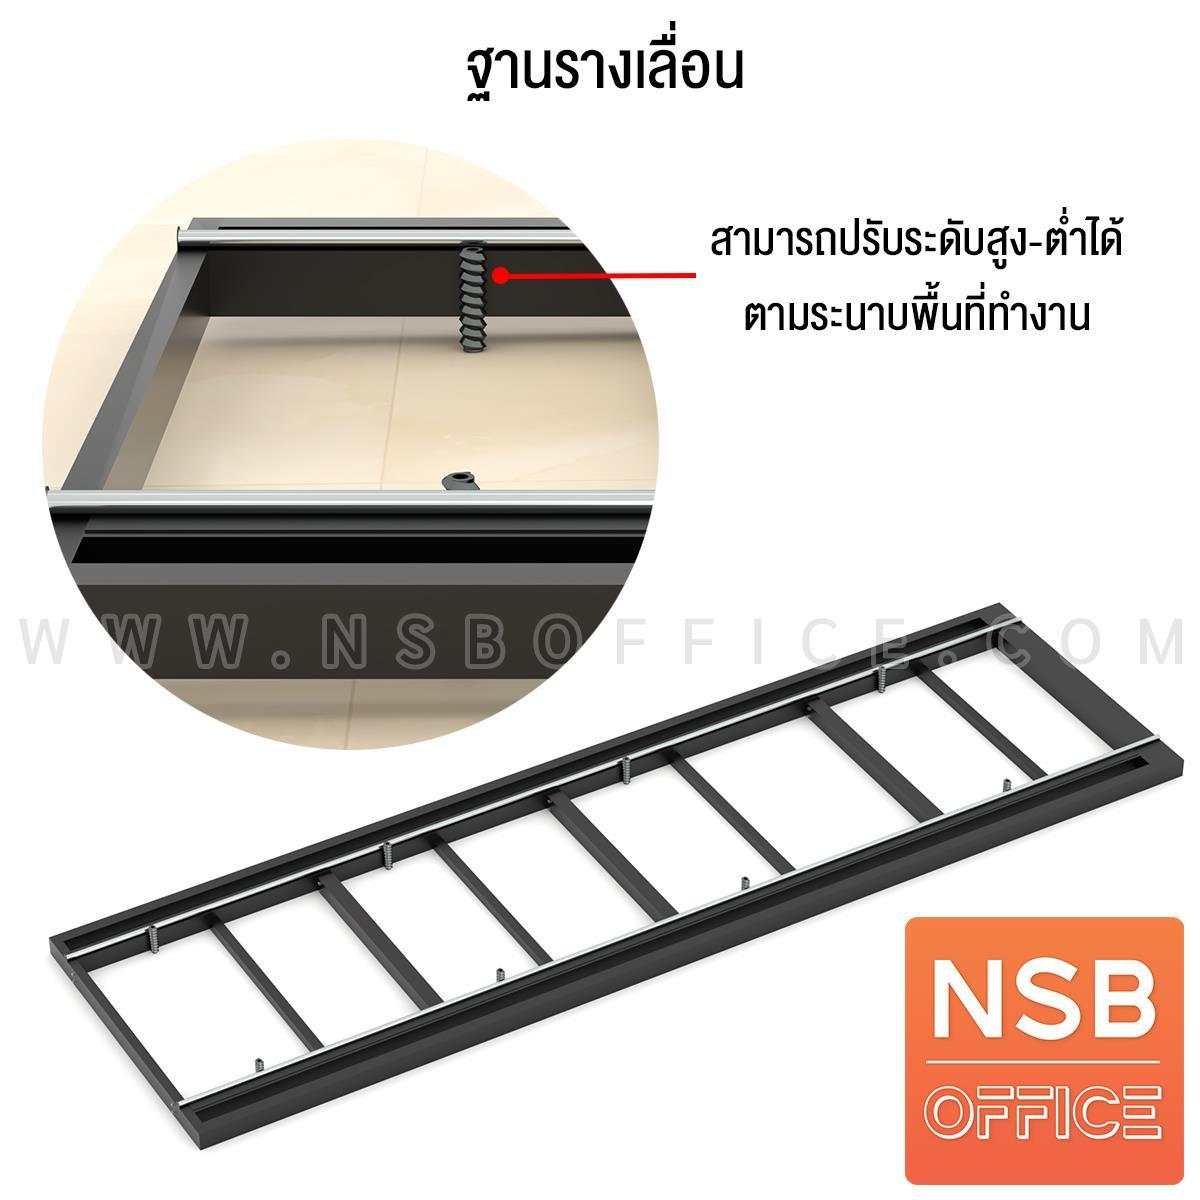 ตู้รางเลื่อนแบบมือผลัก 2 ตอน  183D cm ขนาด 6, 8, 10, 12, 14, 16 สำหรับแฟ้ม A4